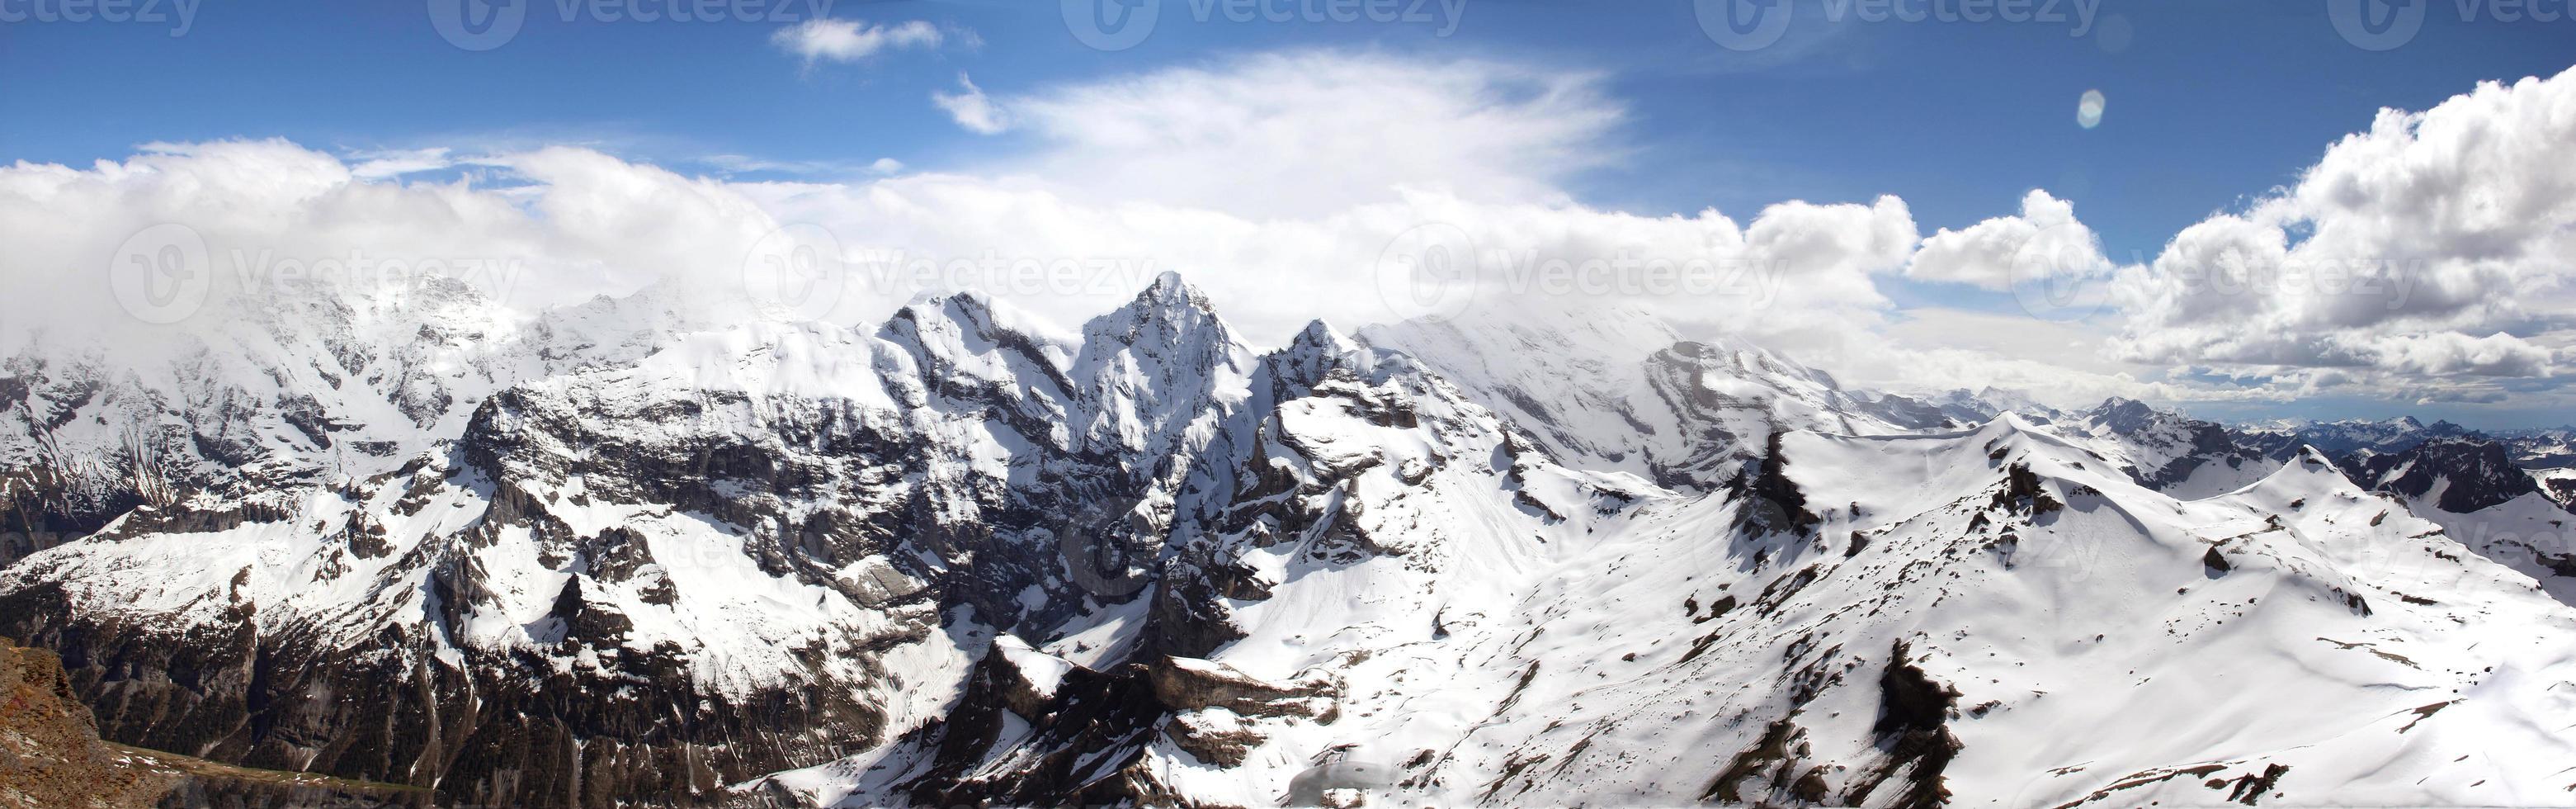 panaorma van de Alpen in Zwitserland foto